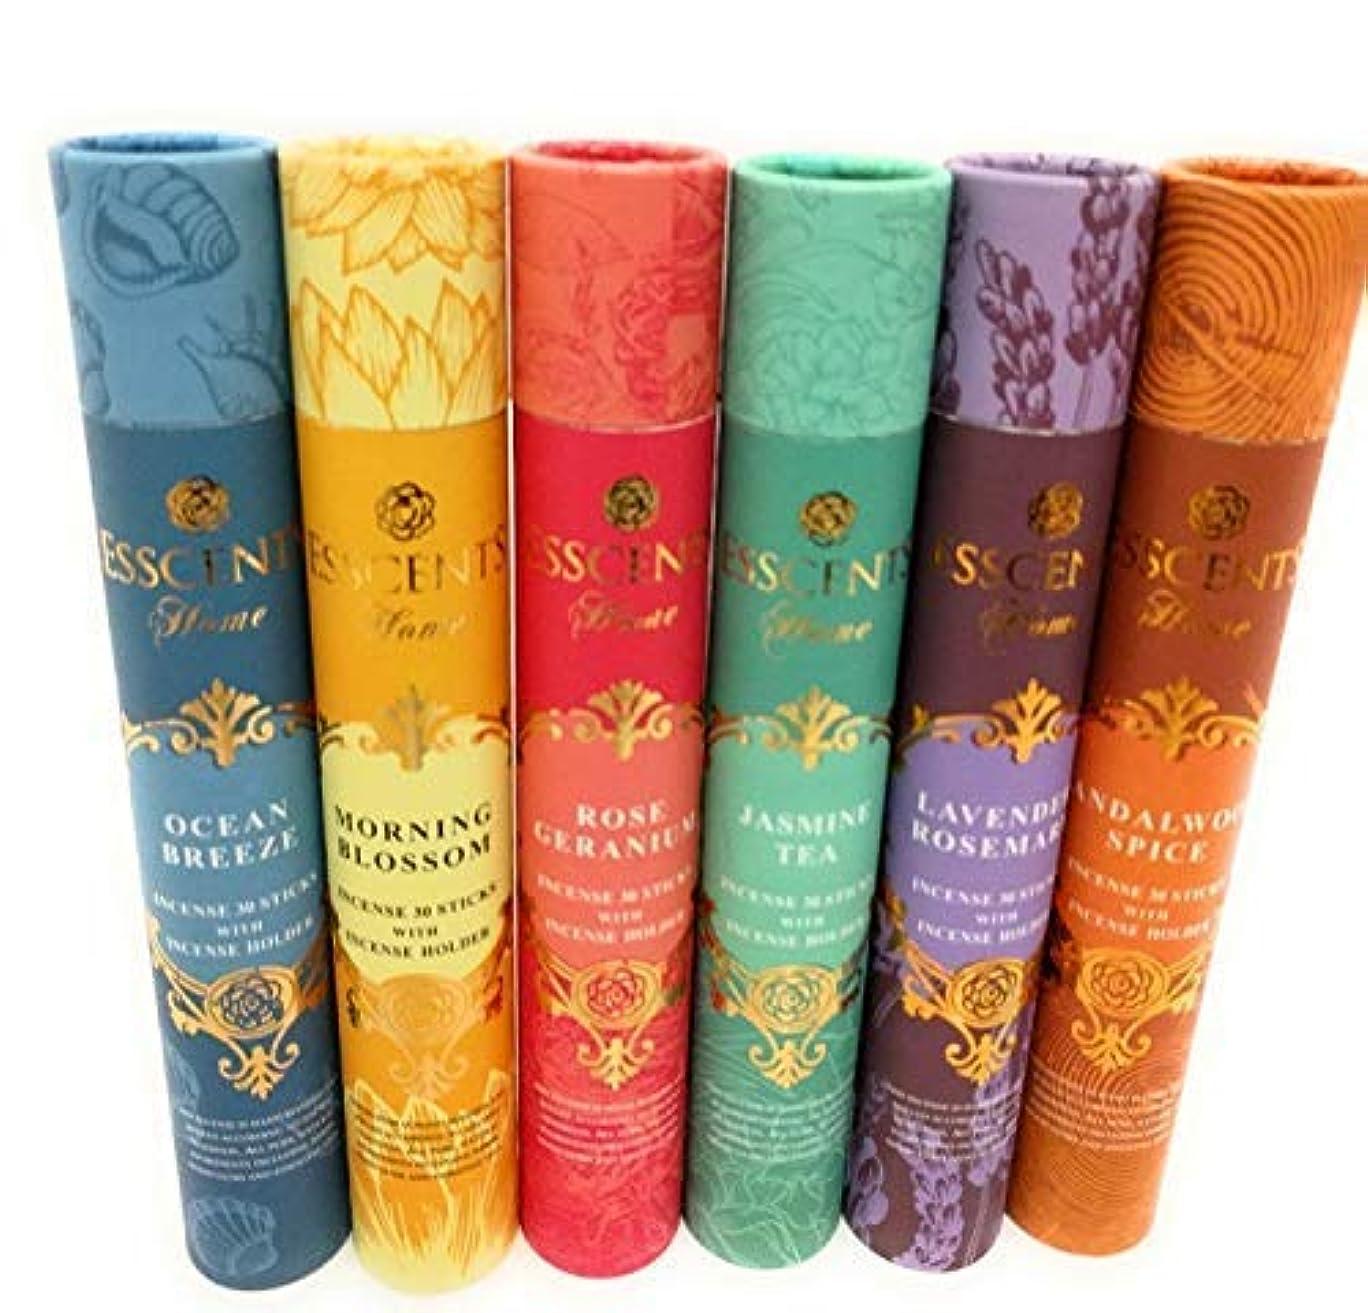 接地動力学化粧Essence incense gift pack 180 sticks with incense holder 6 flavours, Ocean,Morning Blosom,Jasmine tea,Rose Geranium...